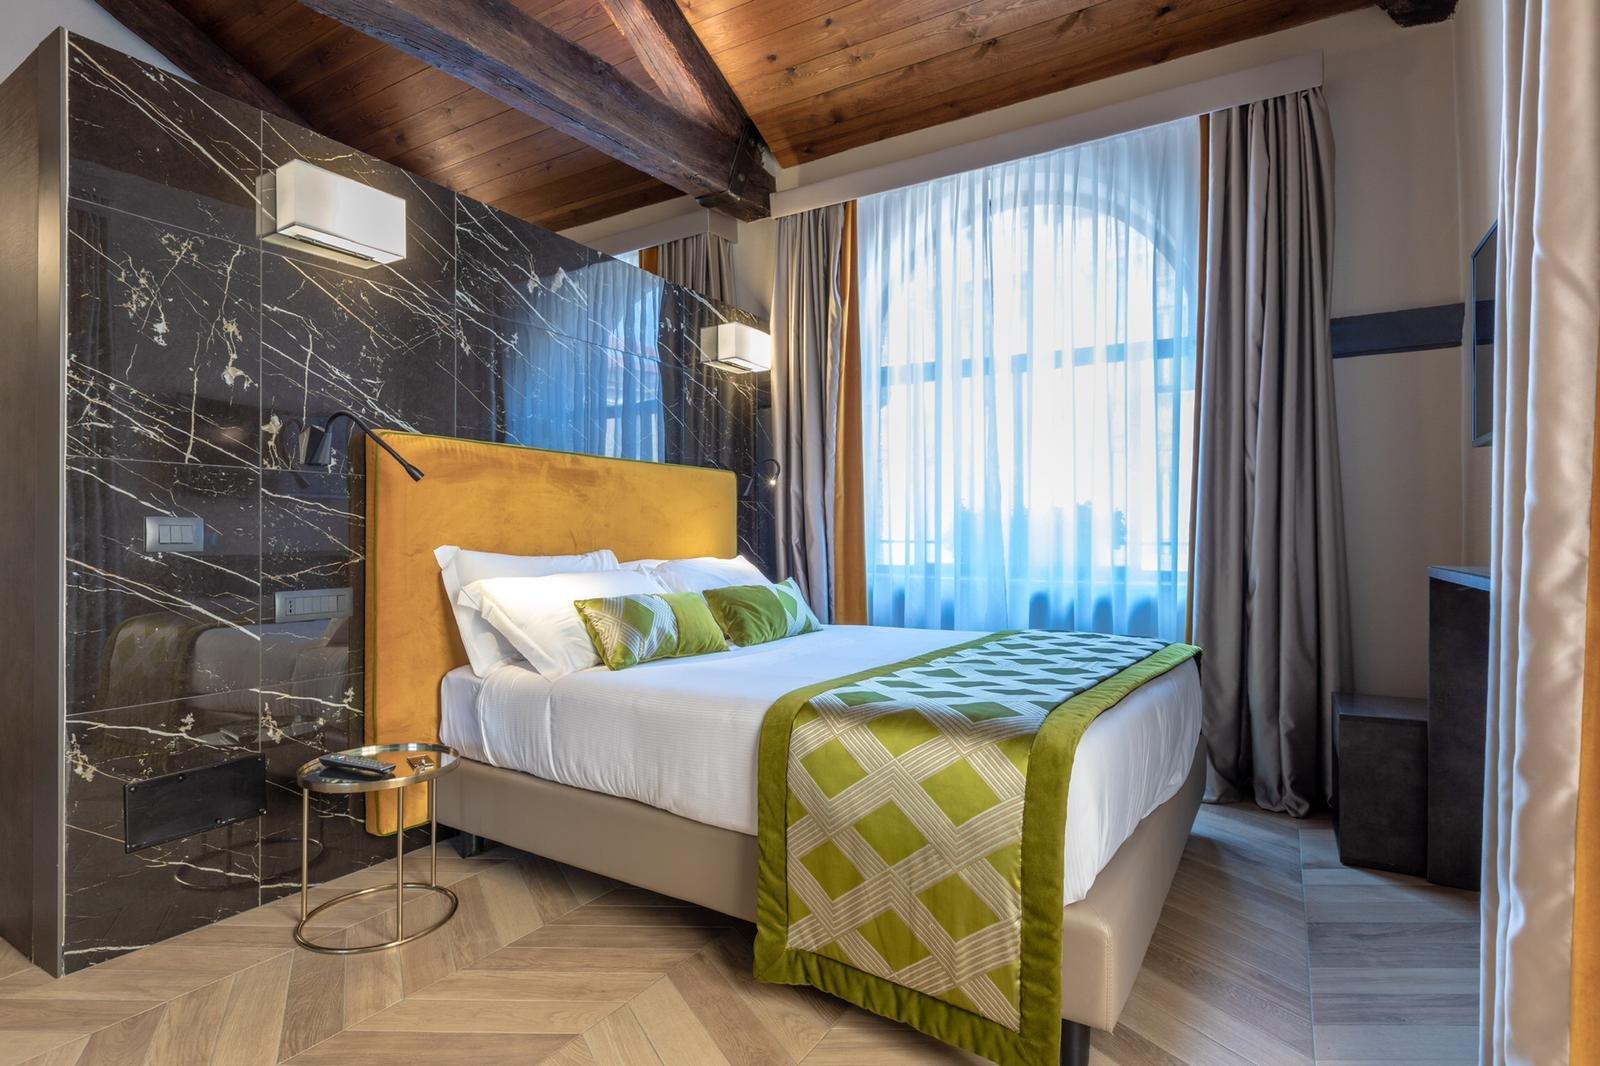 חדר במלון נאמן ברומא - מלון מומלץ כשר